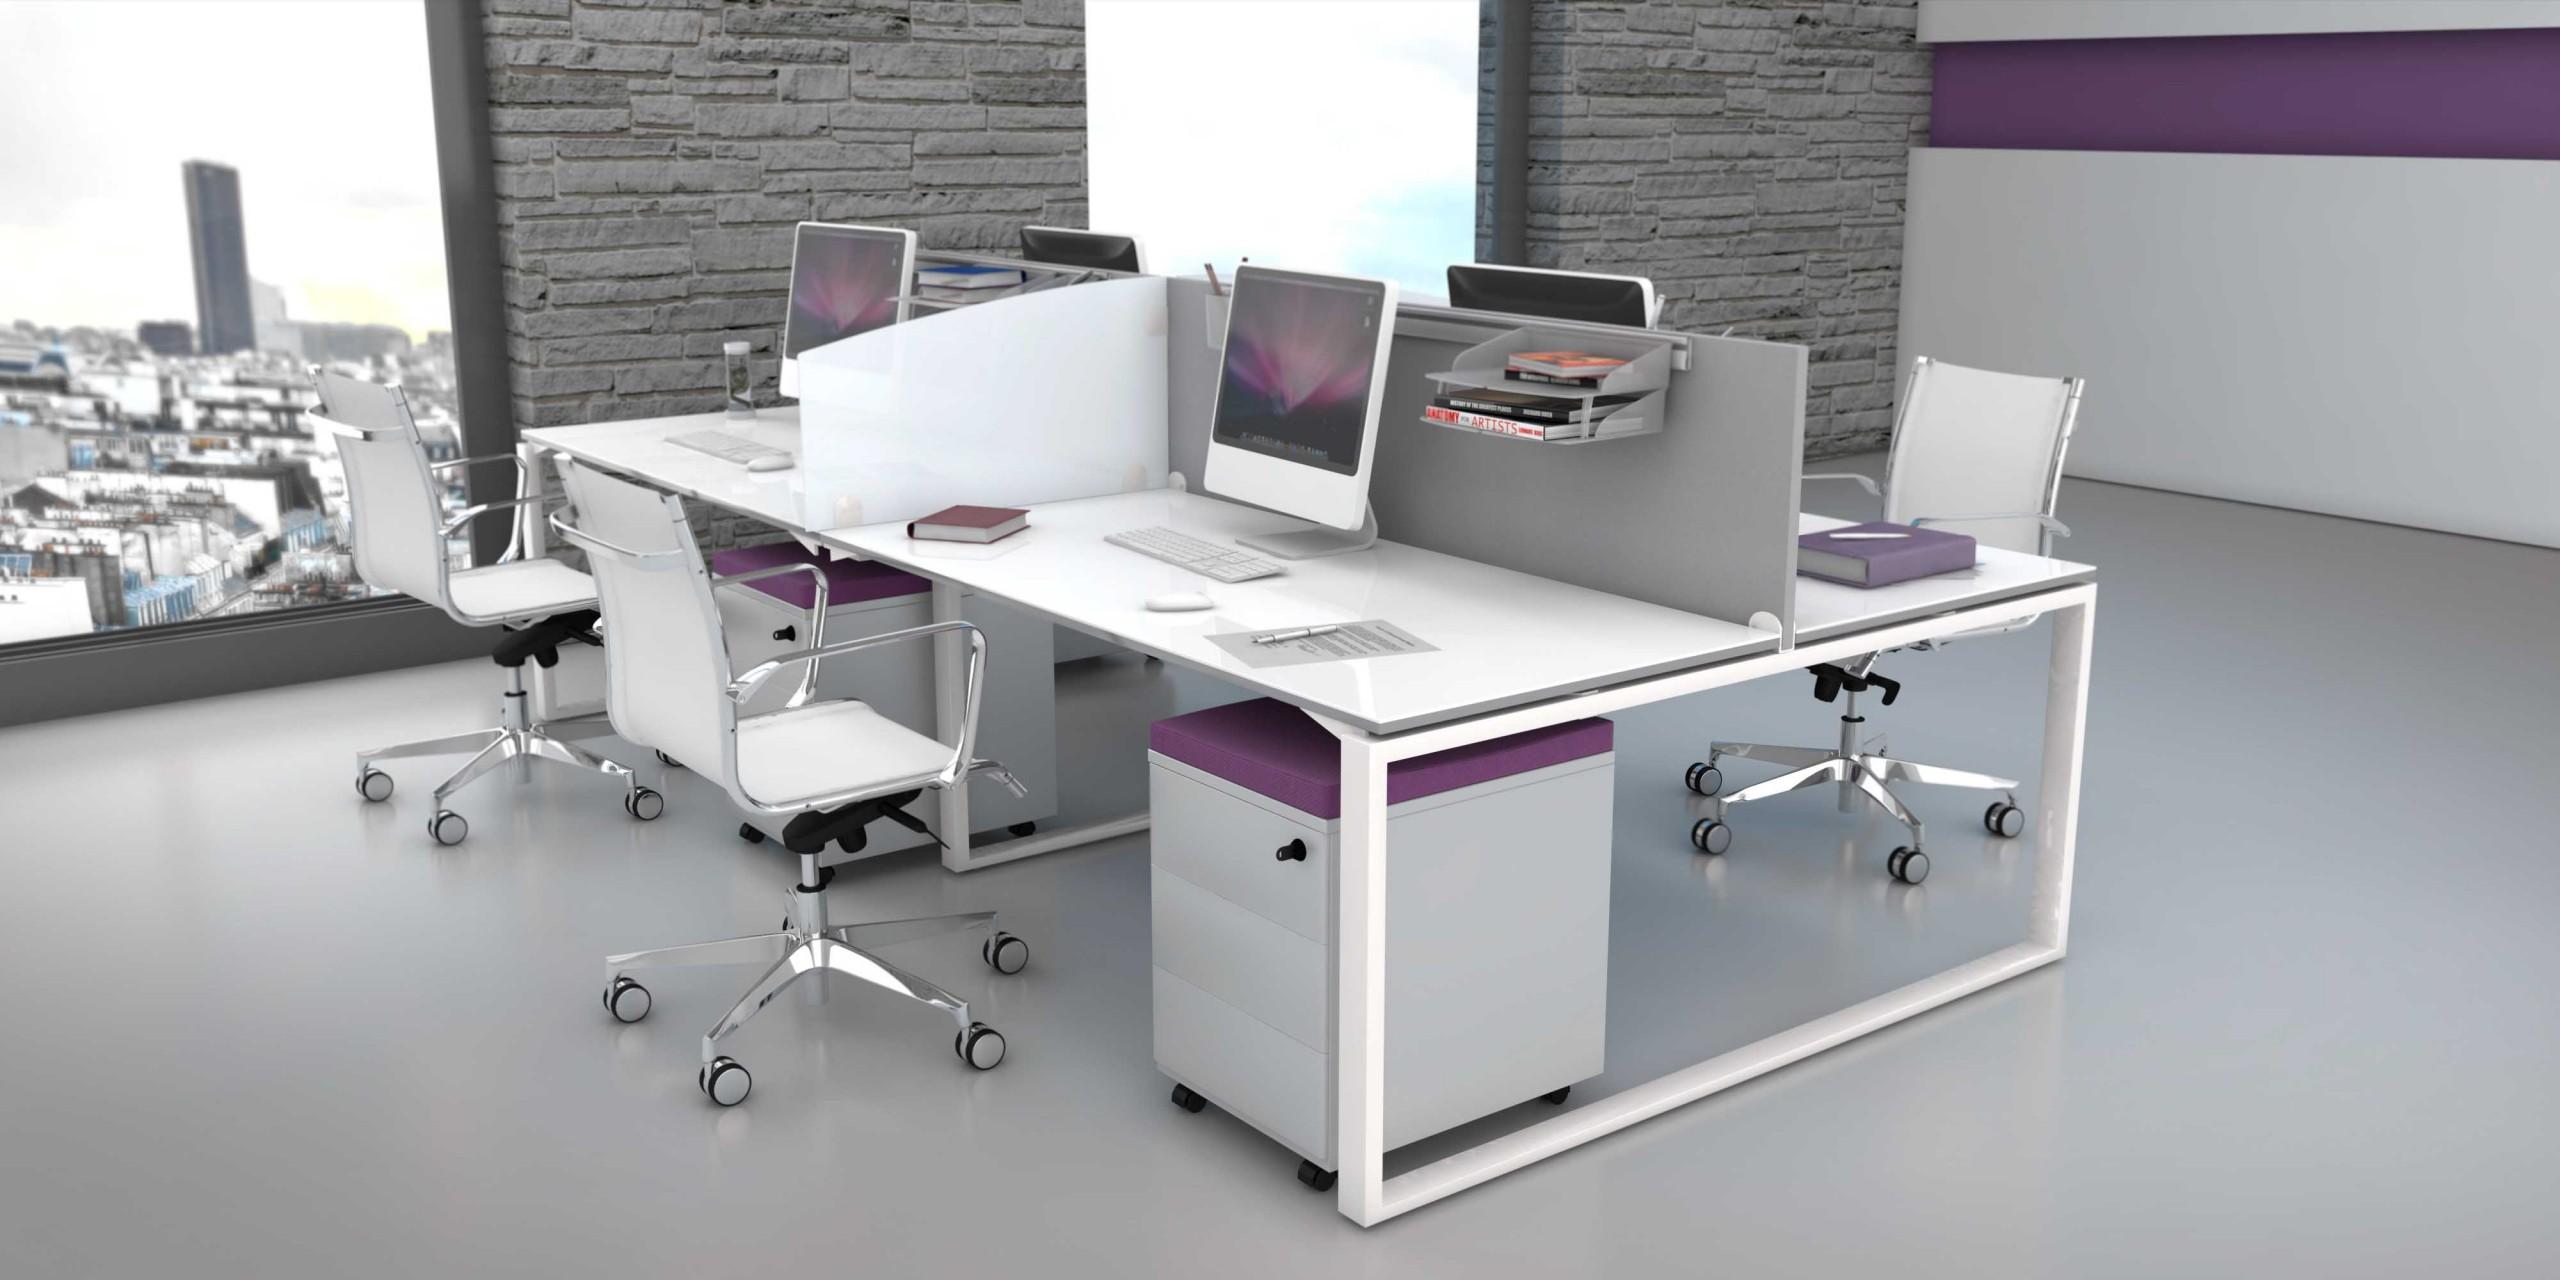 Bureau bench 4 personnes cool achat bureaux bench 912 00 for Mobilier bureau 4 personnes